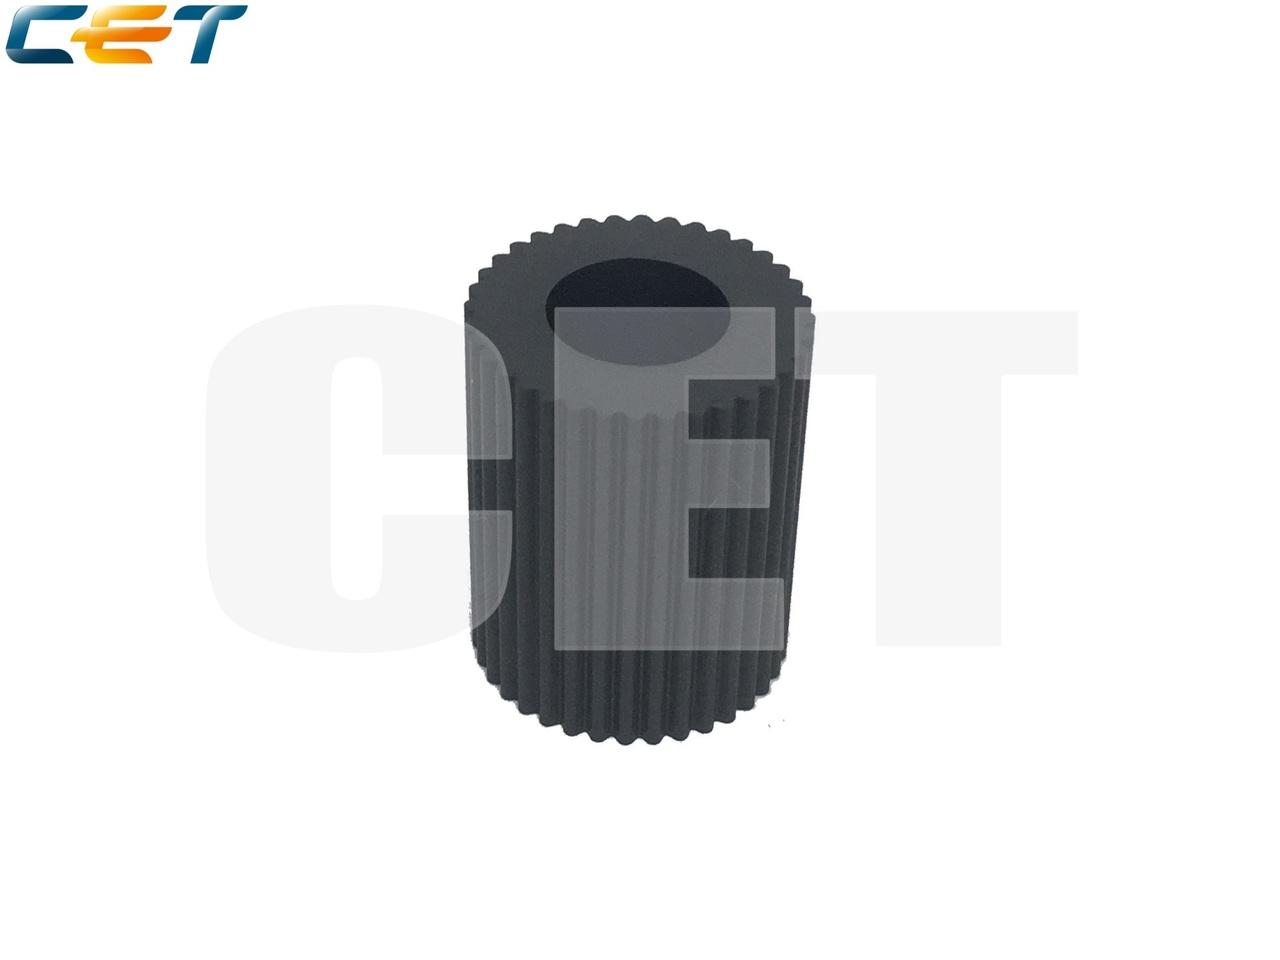 Резинка ролика подхвата 2AR07240 для KYOCERAKM-1620/1635/2035/2530/3035 (CET), CET8751, CET8751R